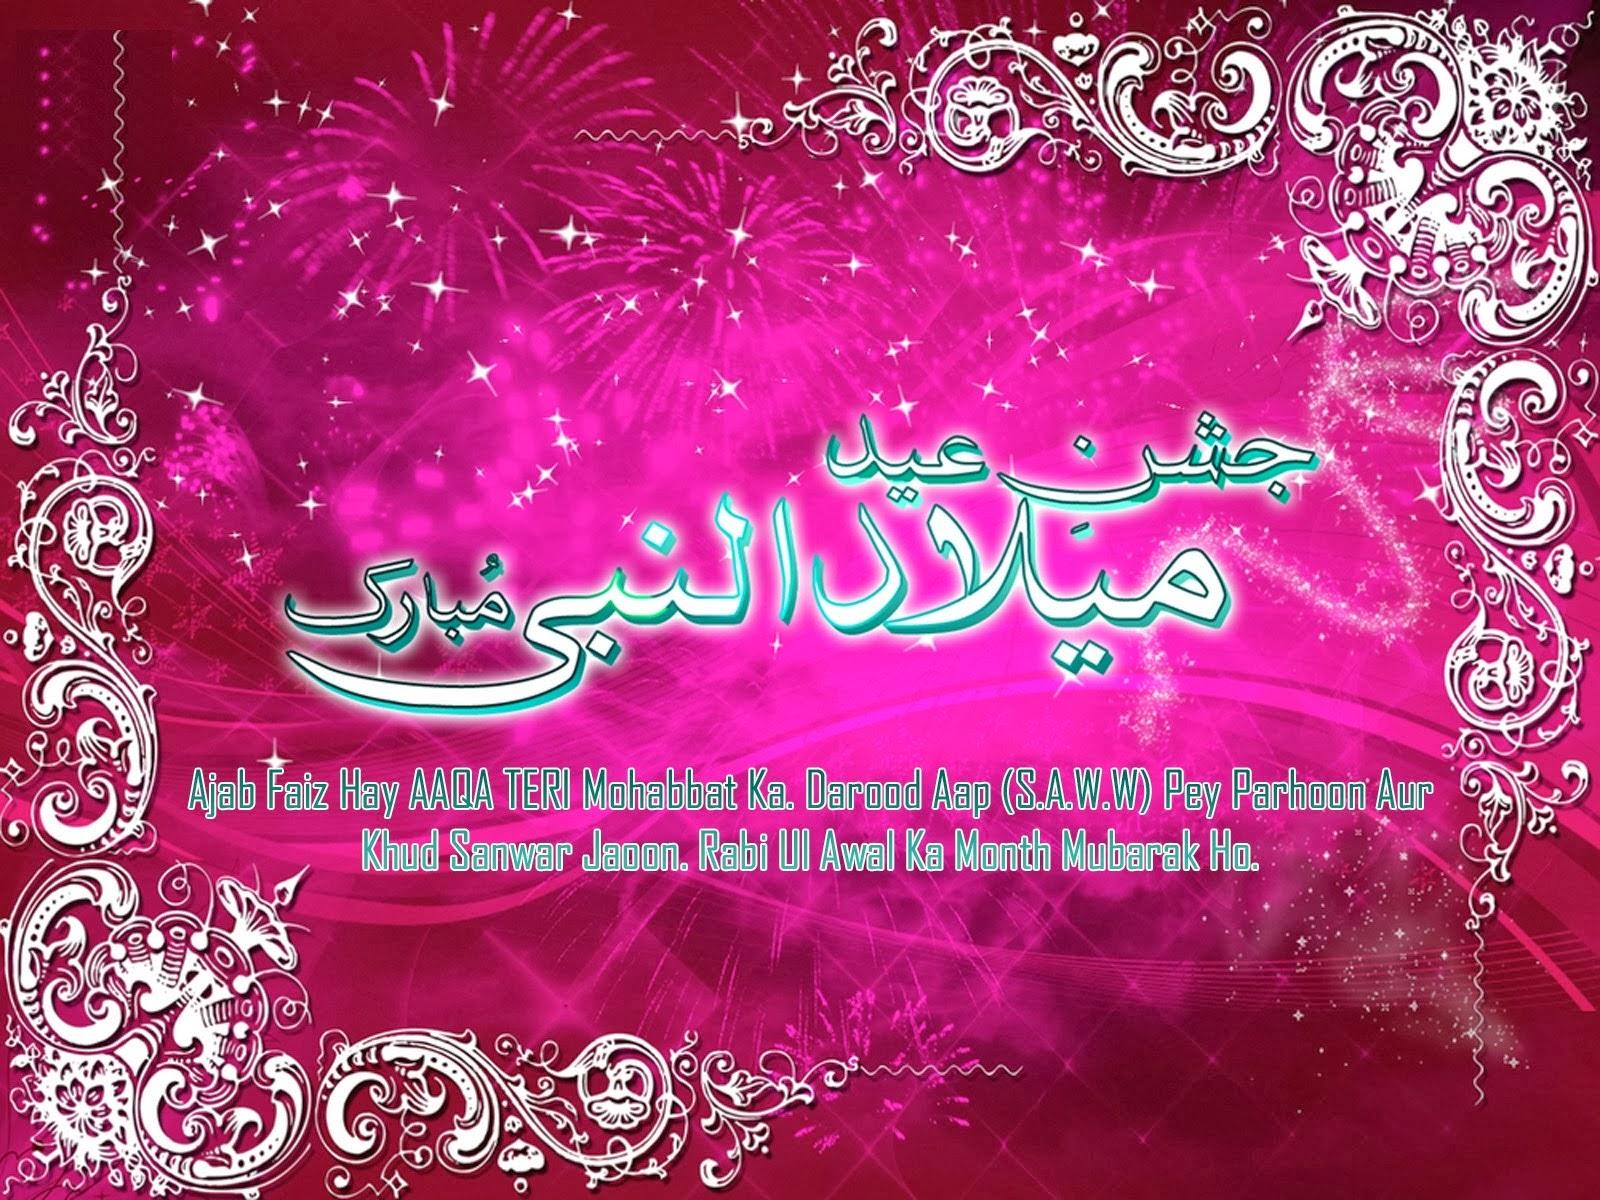 Eid Milad Un Nabi Mubarak 2014 SMS Messages in Urdu